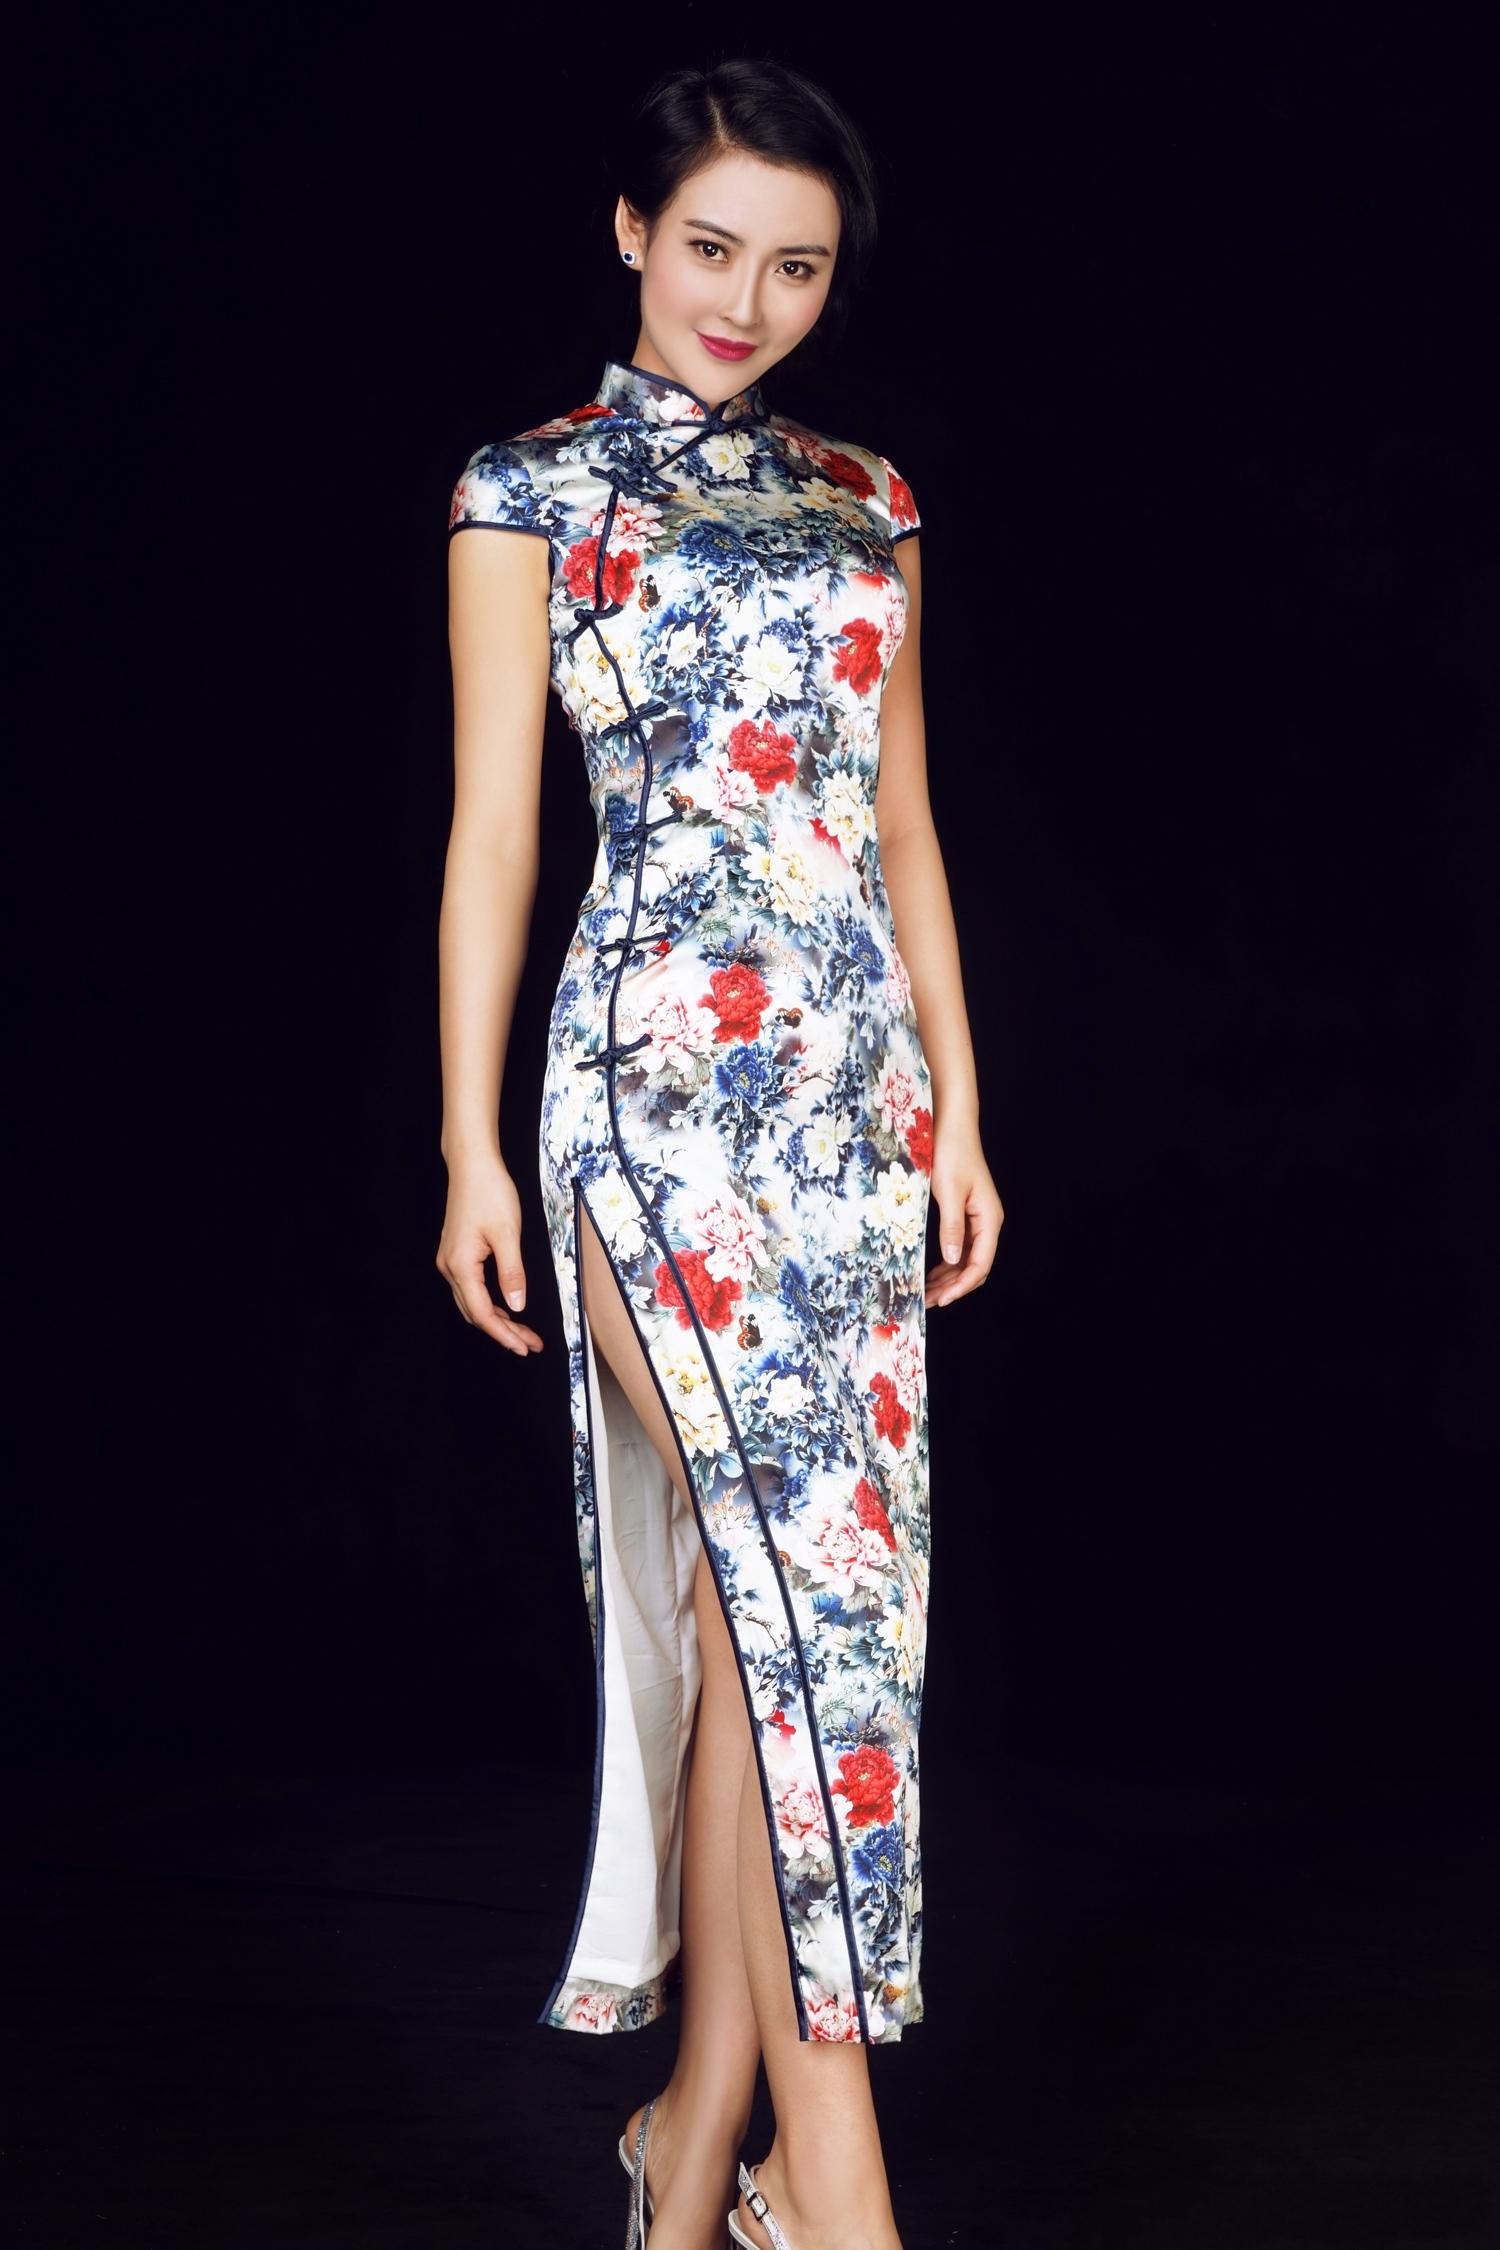 美模--小丹1 - 花開有聲 - 花開有聲的博客